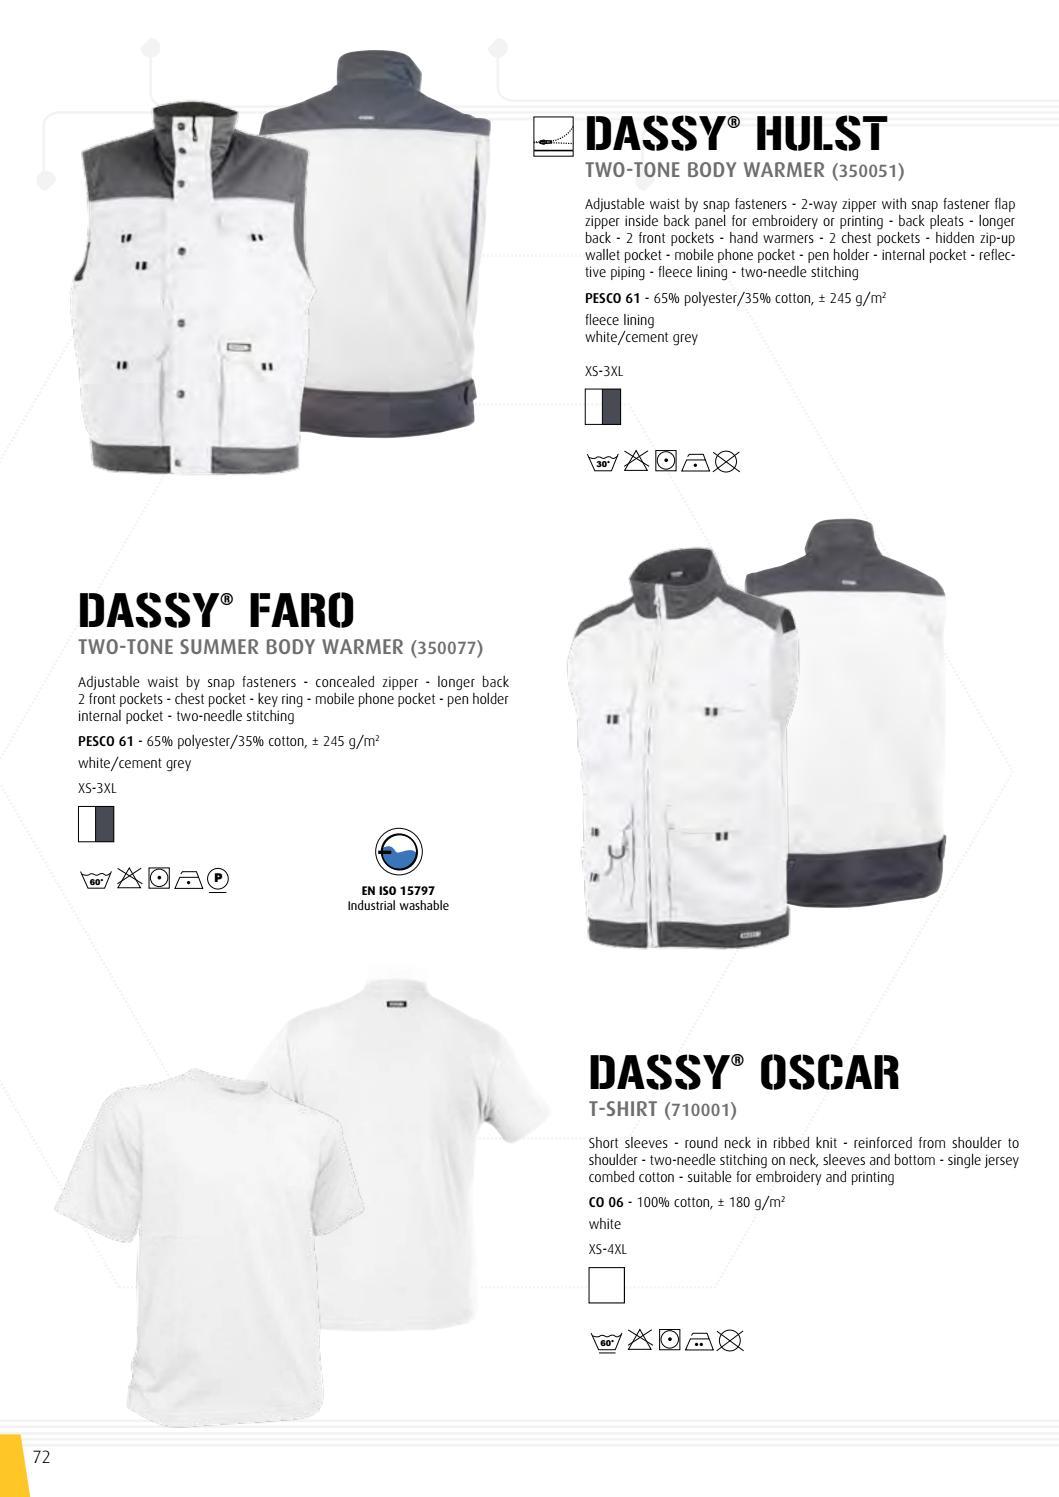 76d44745 Brochure Dassy, professional workwear by Zijlstra Beroepskleding - issuu